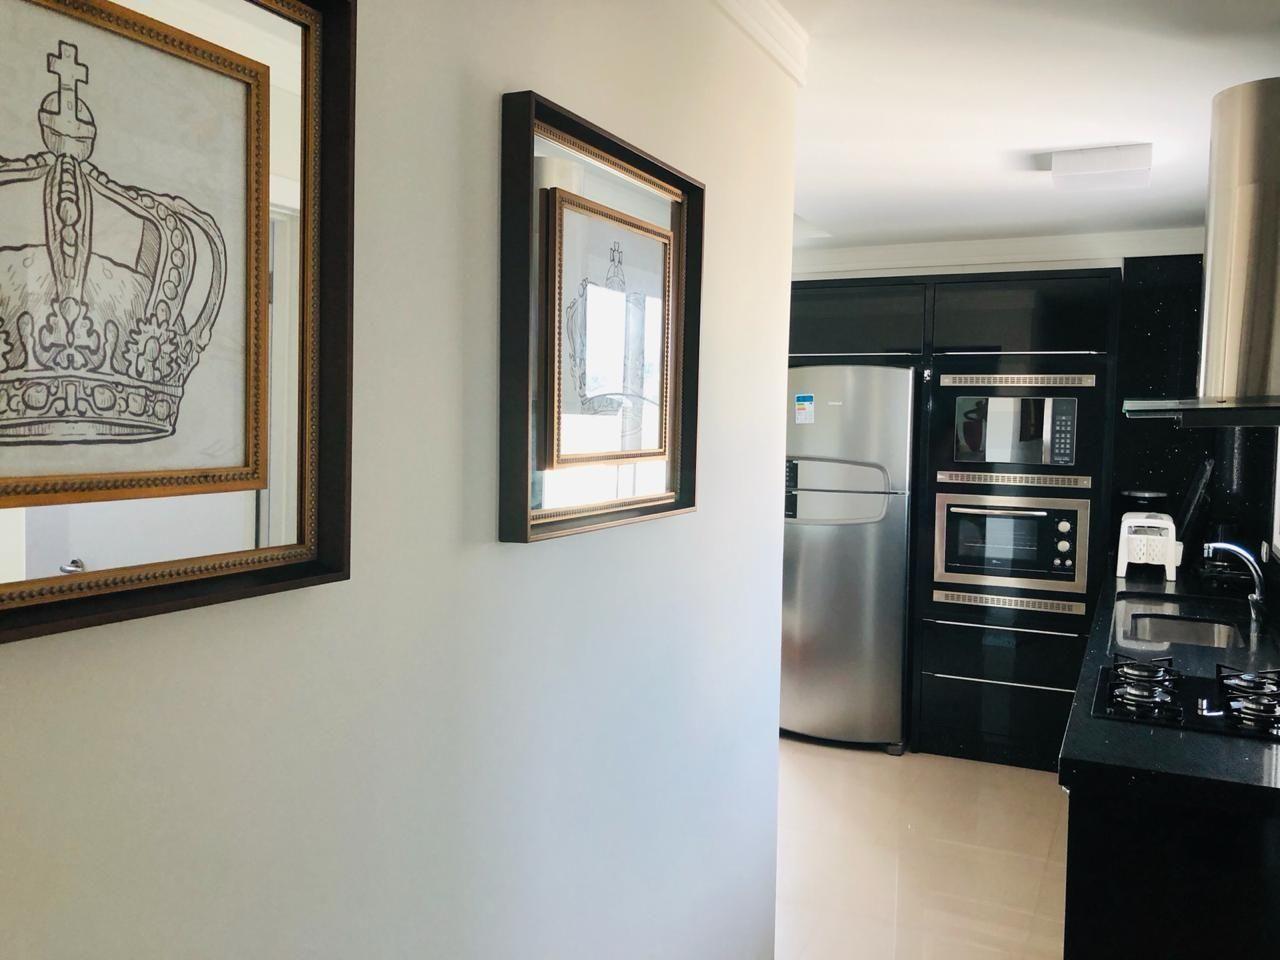 Cobertura com 3 Dormitórios para alugar, 160 m² por R$ 1.000,00